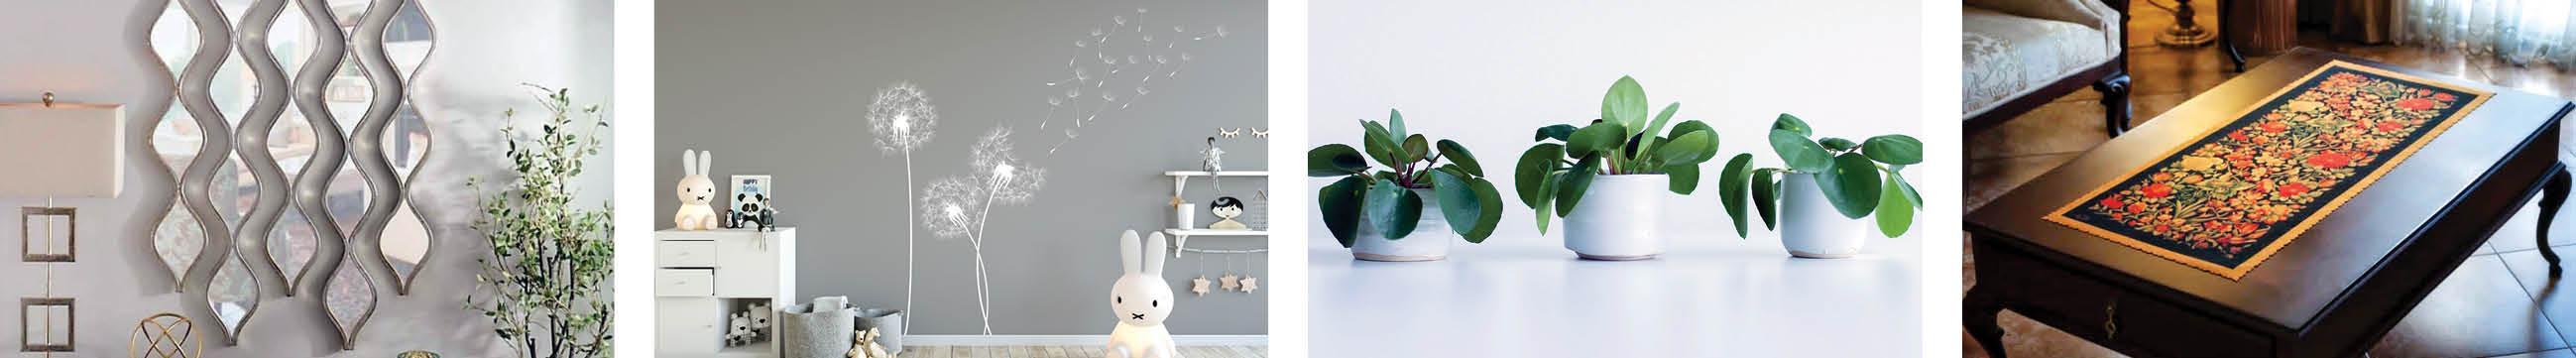 طراحی داخلی خانه,دکوراسیون خانه,راهکارهای زیباسازی خانه